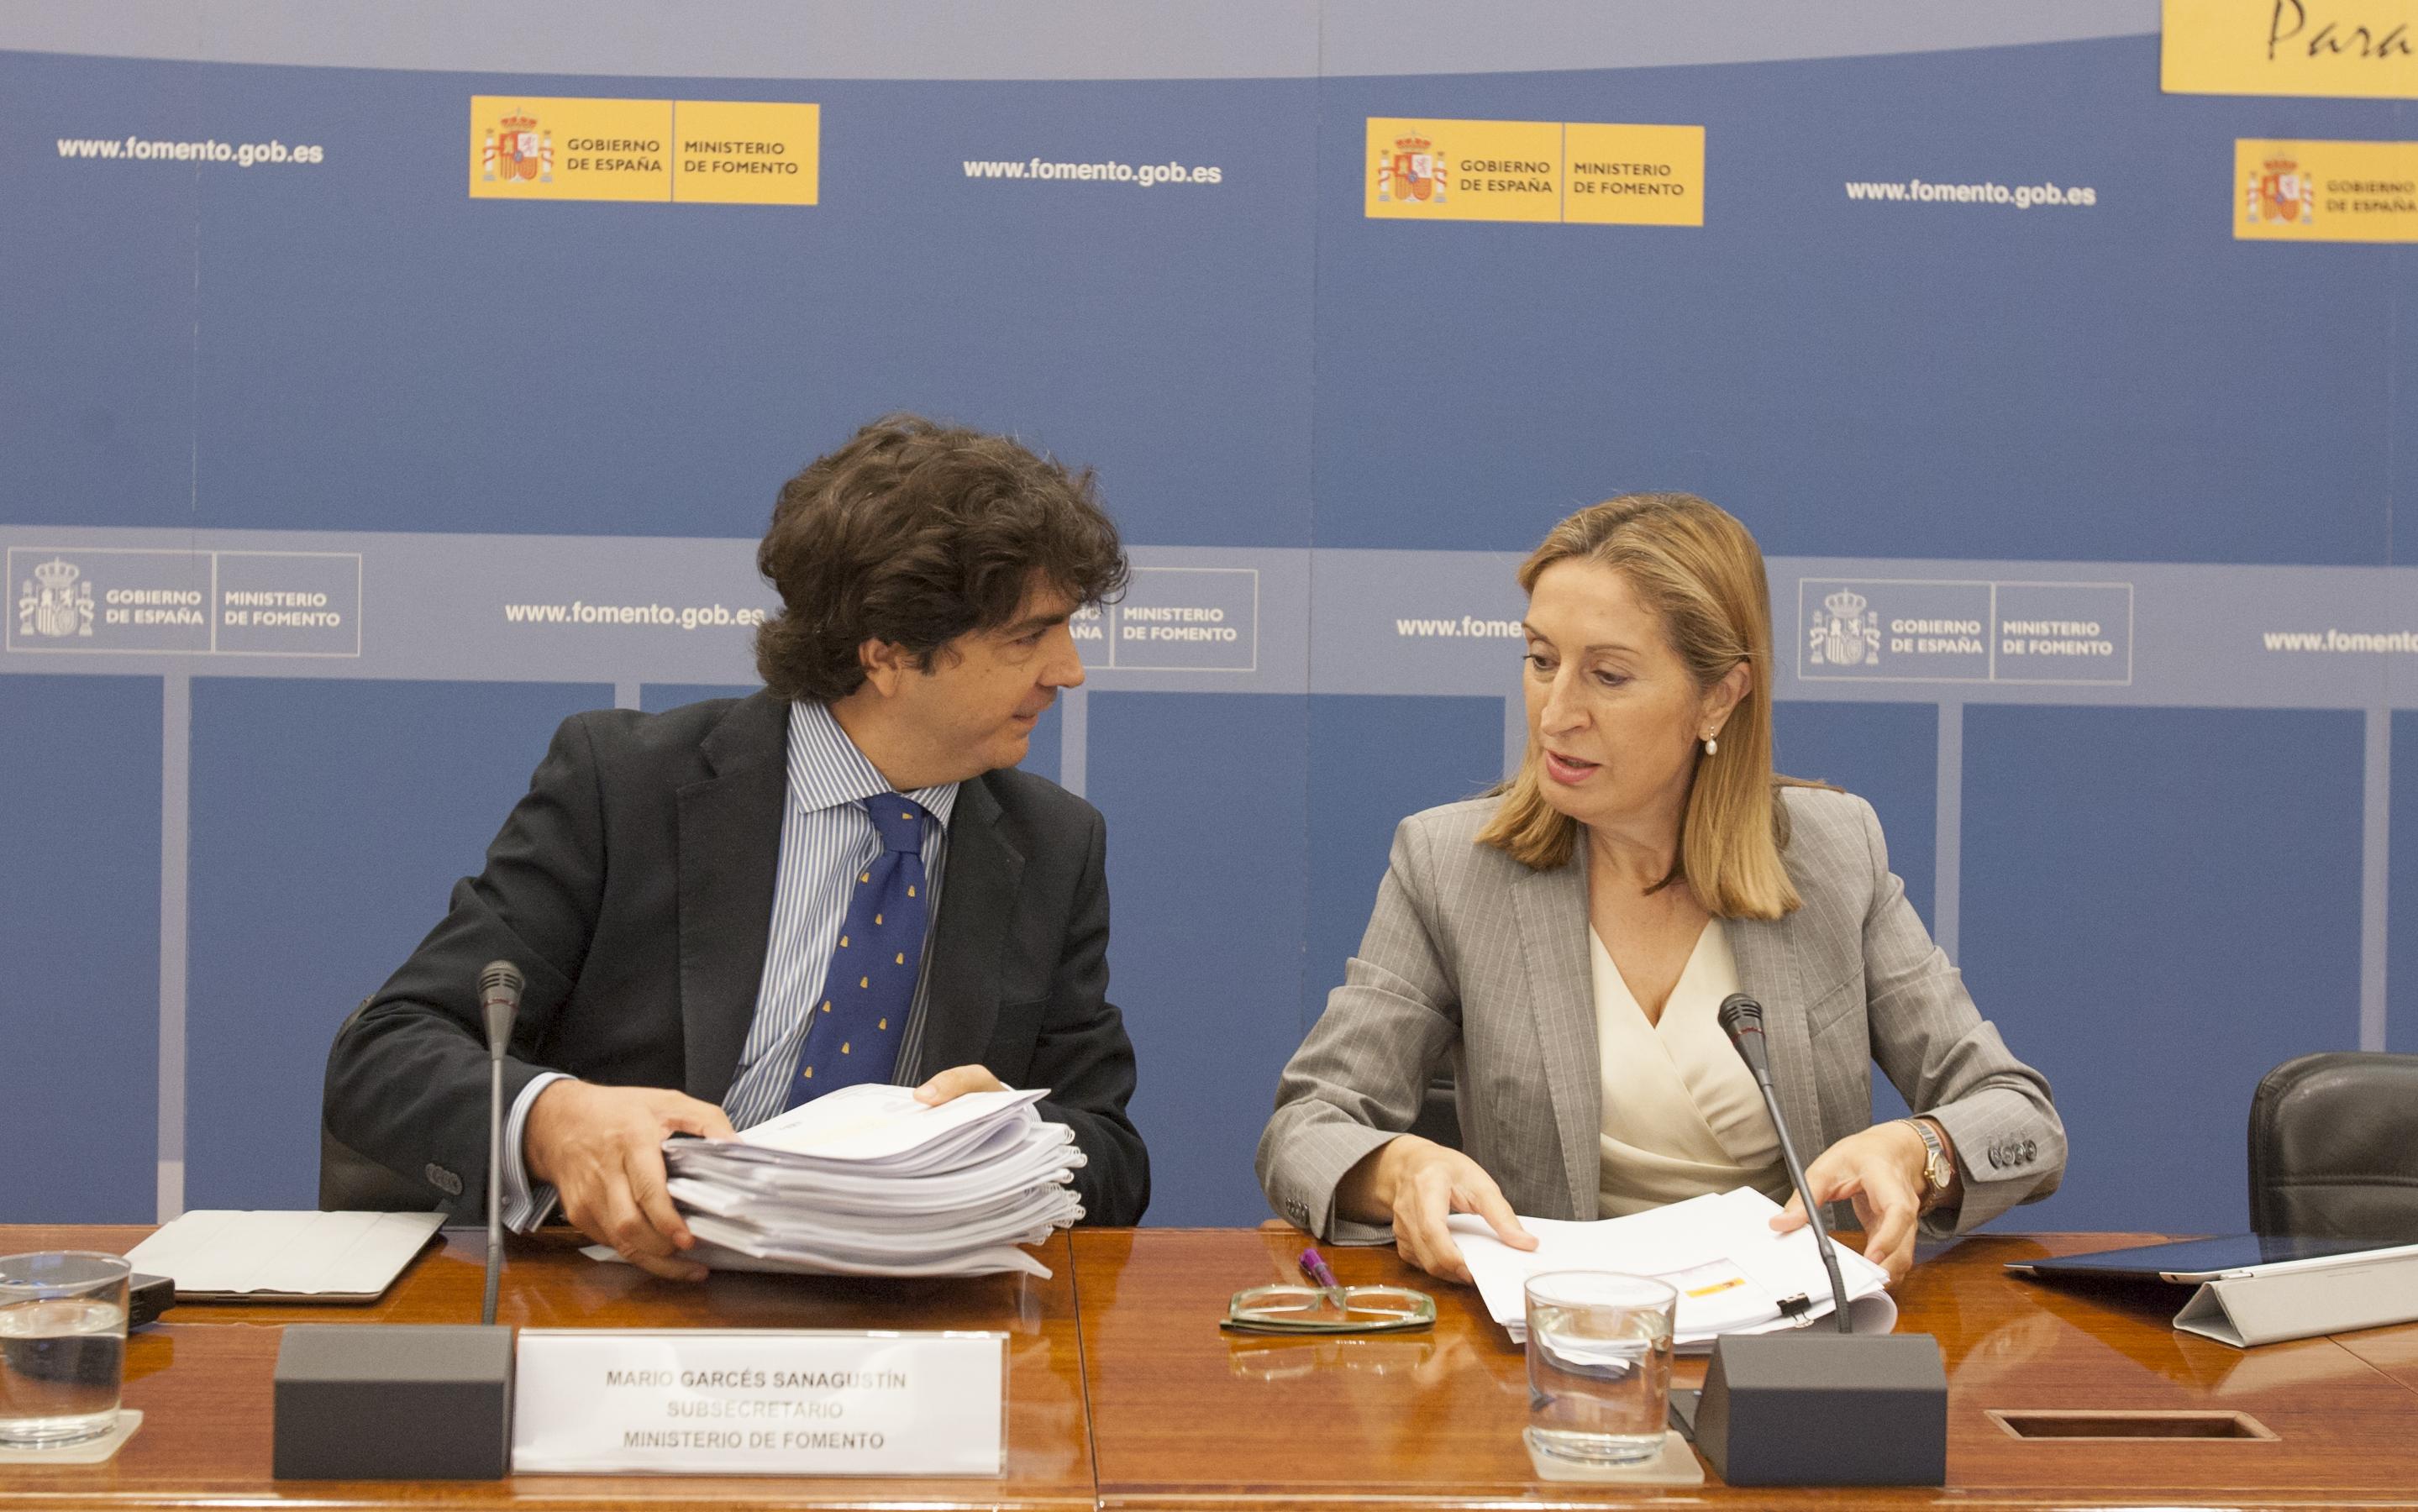 Mario Garcés, subsecretario de Fomento, y Ana Pastor, Ministra de Fomento